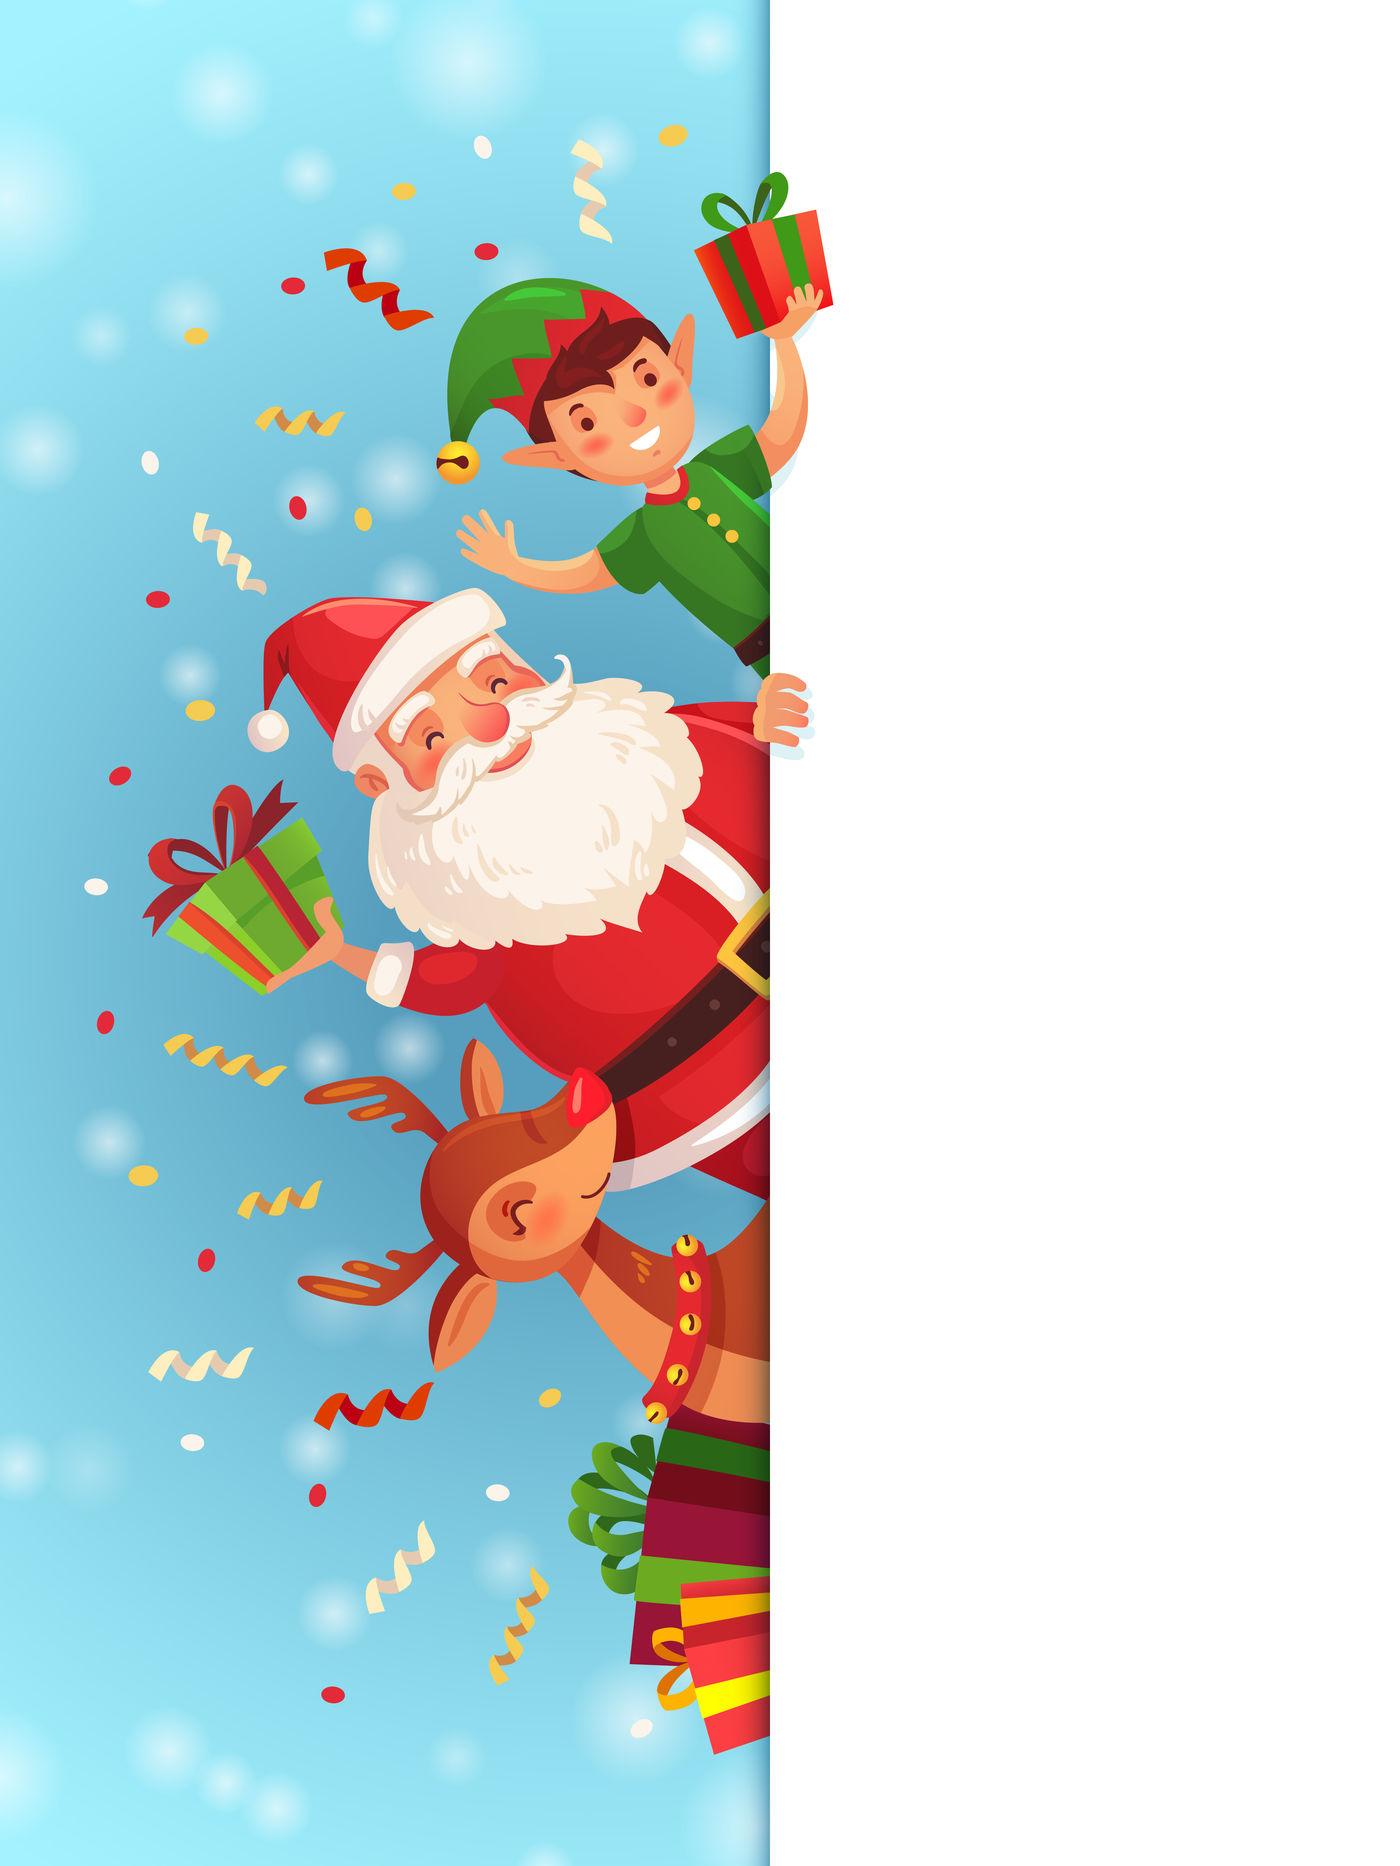 Christmas Cartoon Characters Santa Claus Xmas Elf Character And